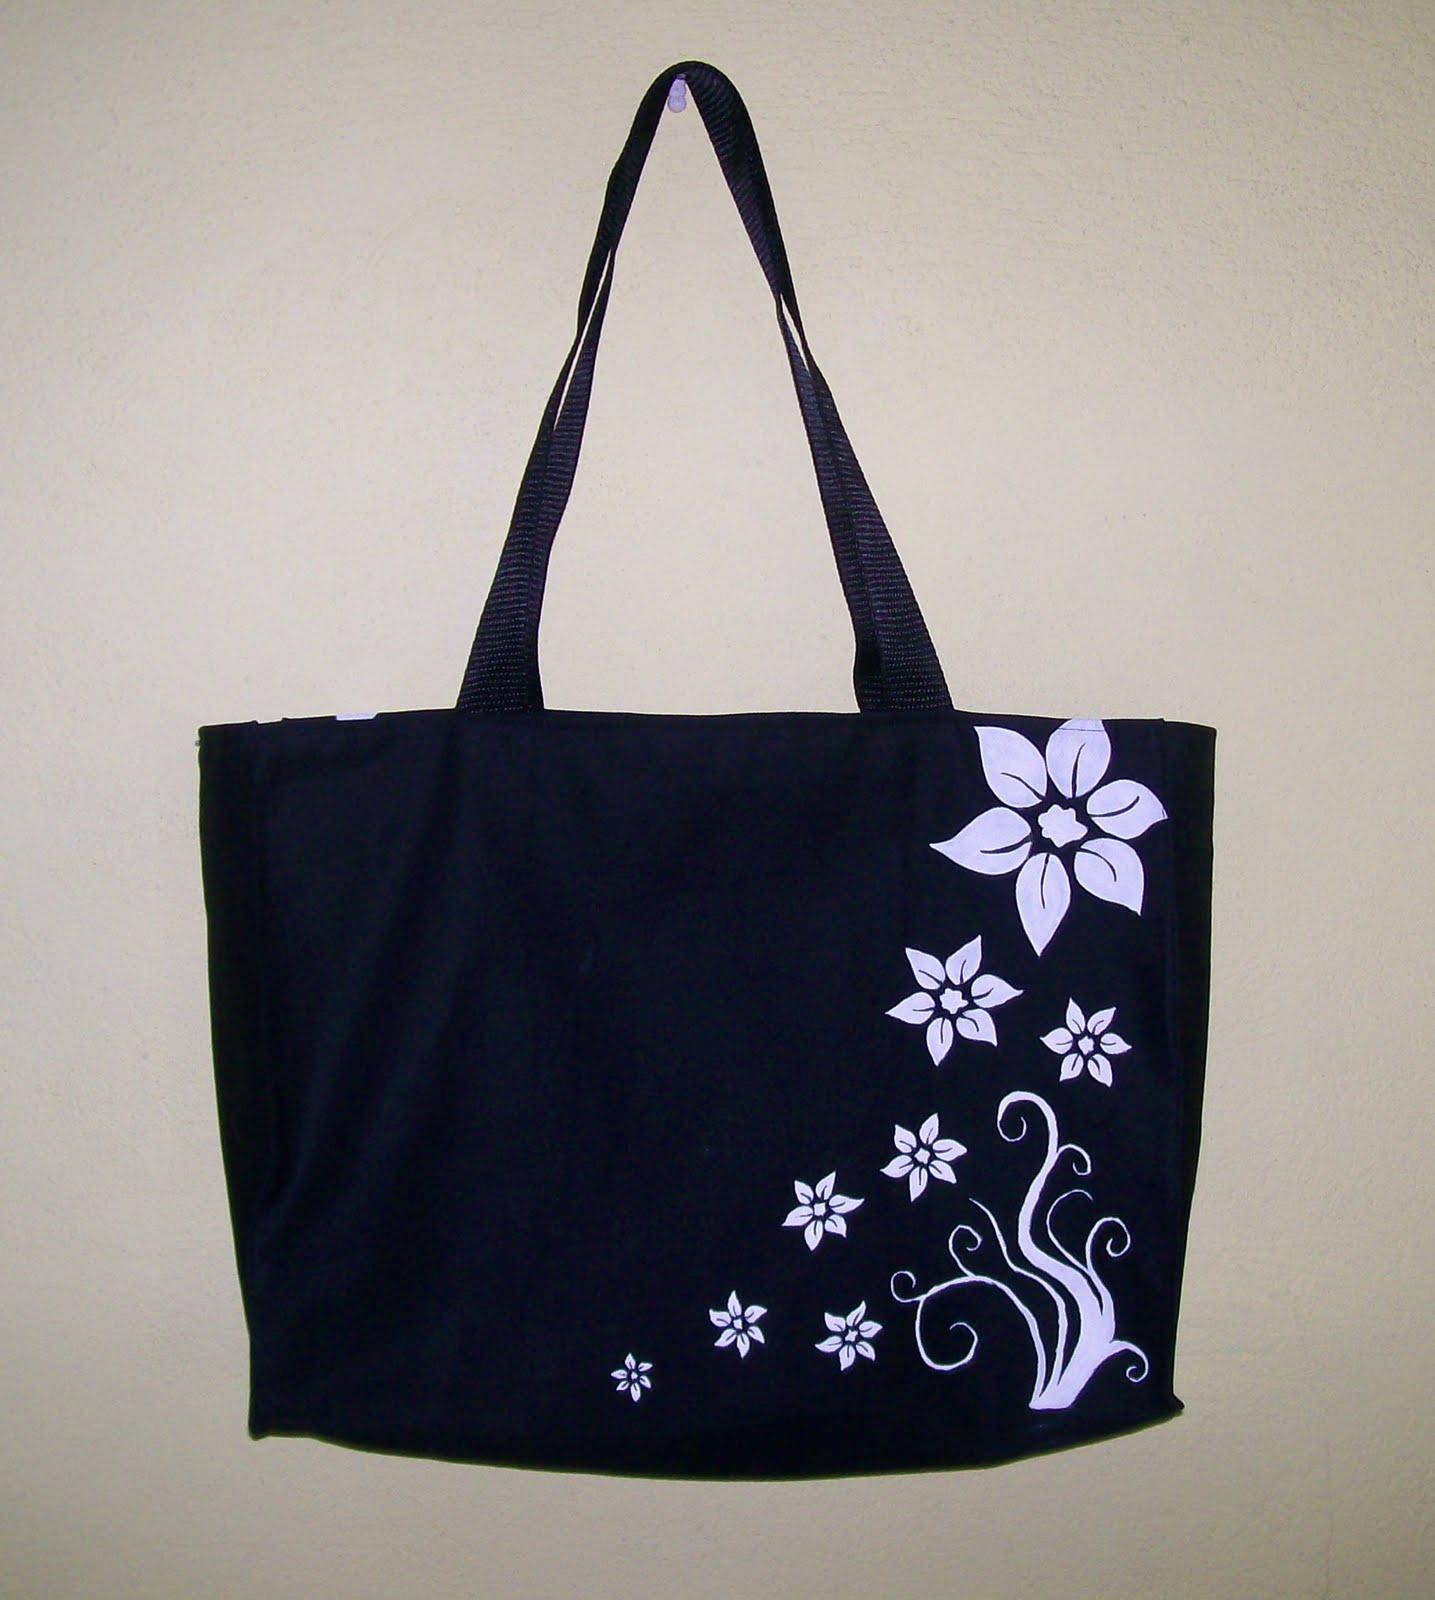 Bolsa De Tecido Forrada : Pintando e bordando com a arte bolsa preta florzinhas